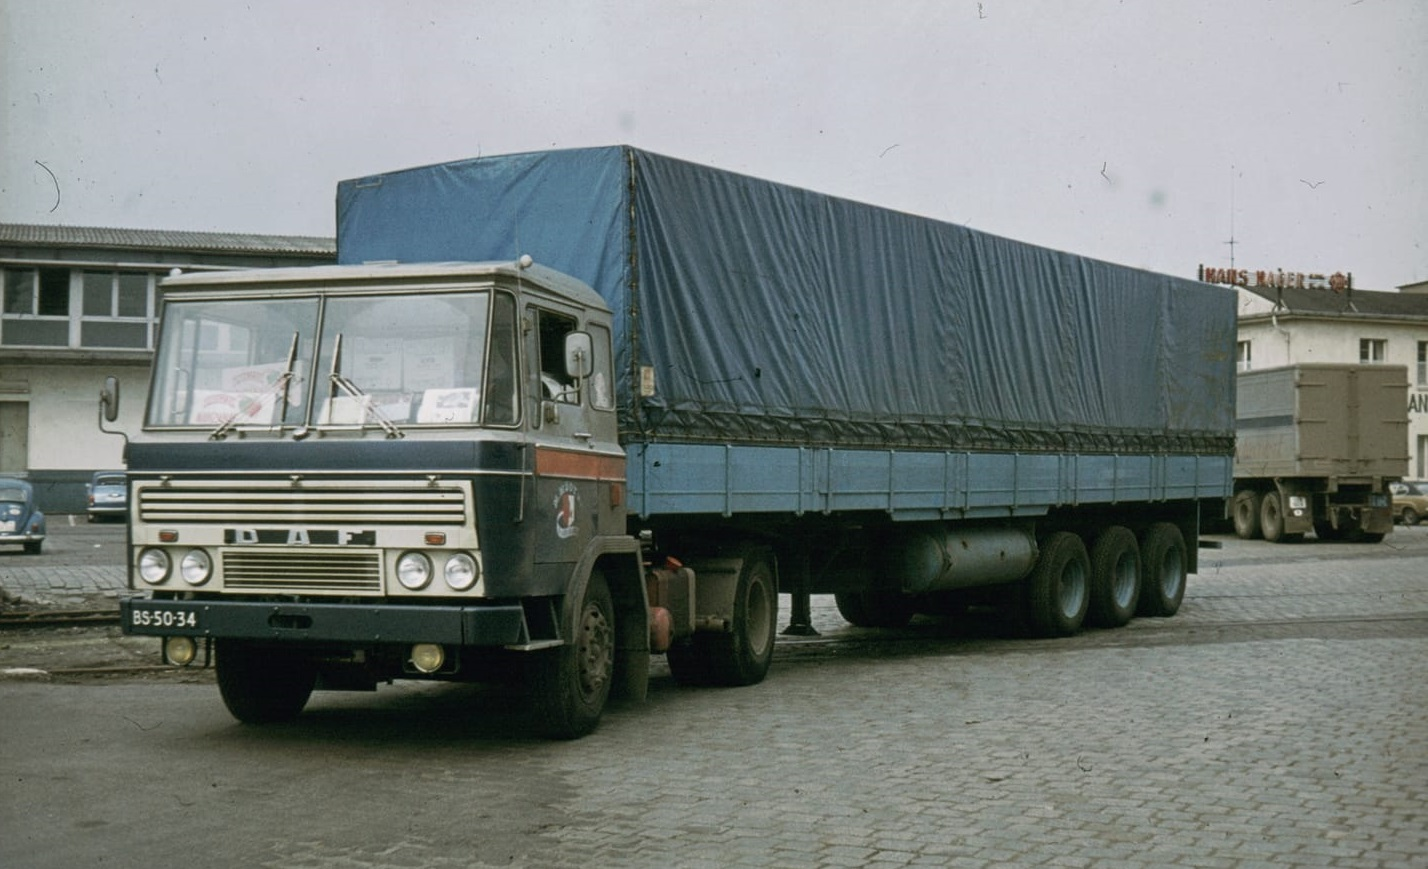 Maarten-Mooy-Zwaar-overbeladen-met-30-ton-vracht-De-dozen-liggen-zelfs-in-de-cabine---1972-Bij-het-optrekken-kwamen-de-voorwielen-bijna-los-van-het-wegdek-Omhoog-bij-Limburg--in-de-tweede-versnelling---